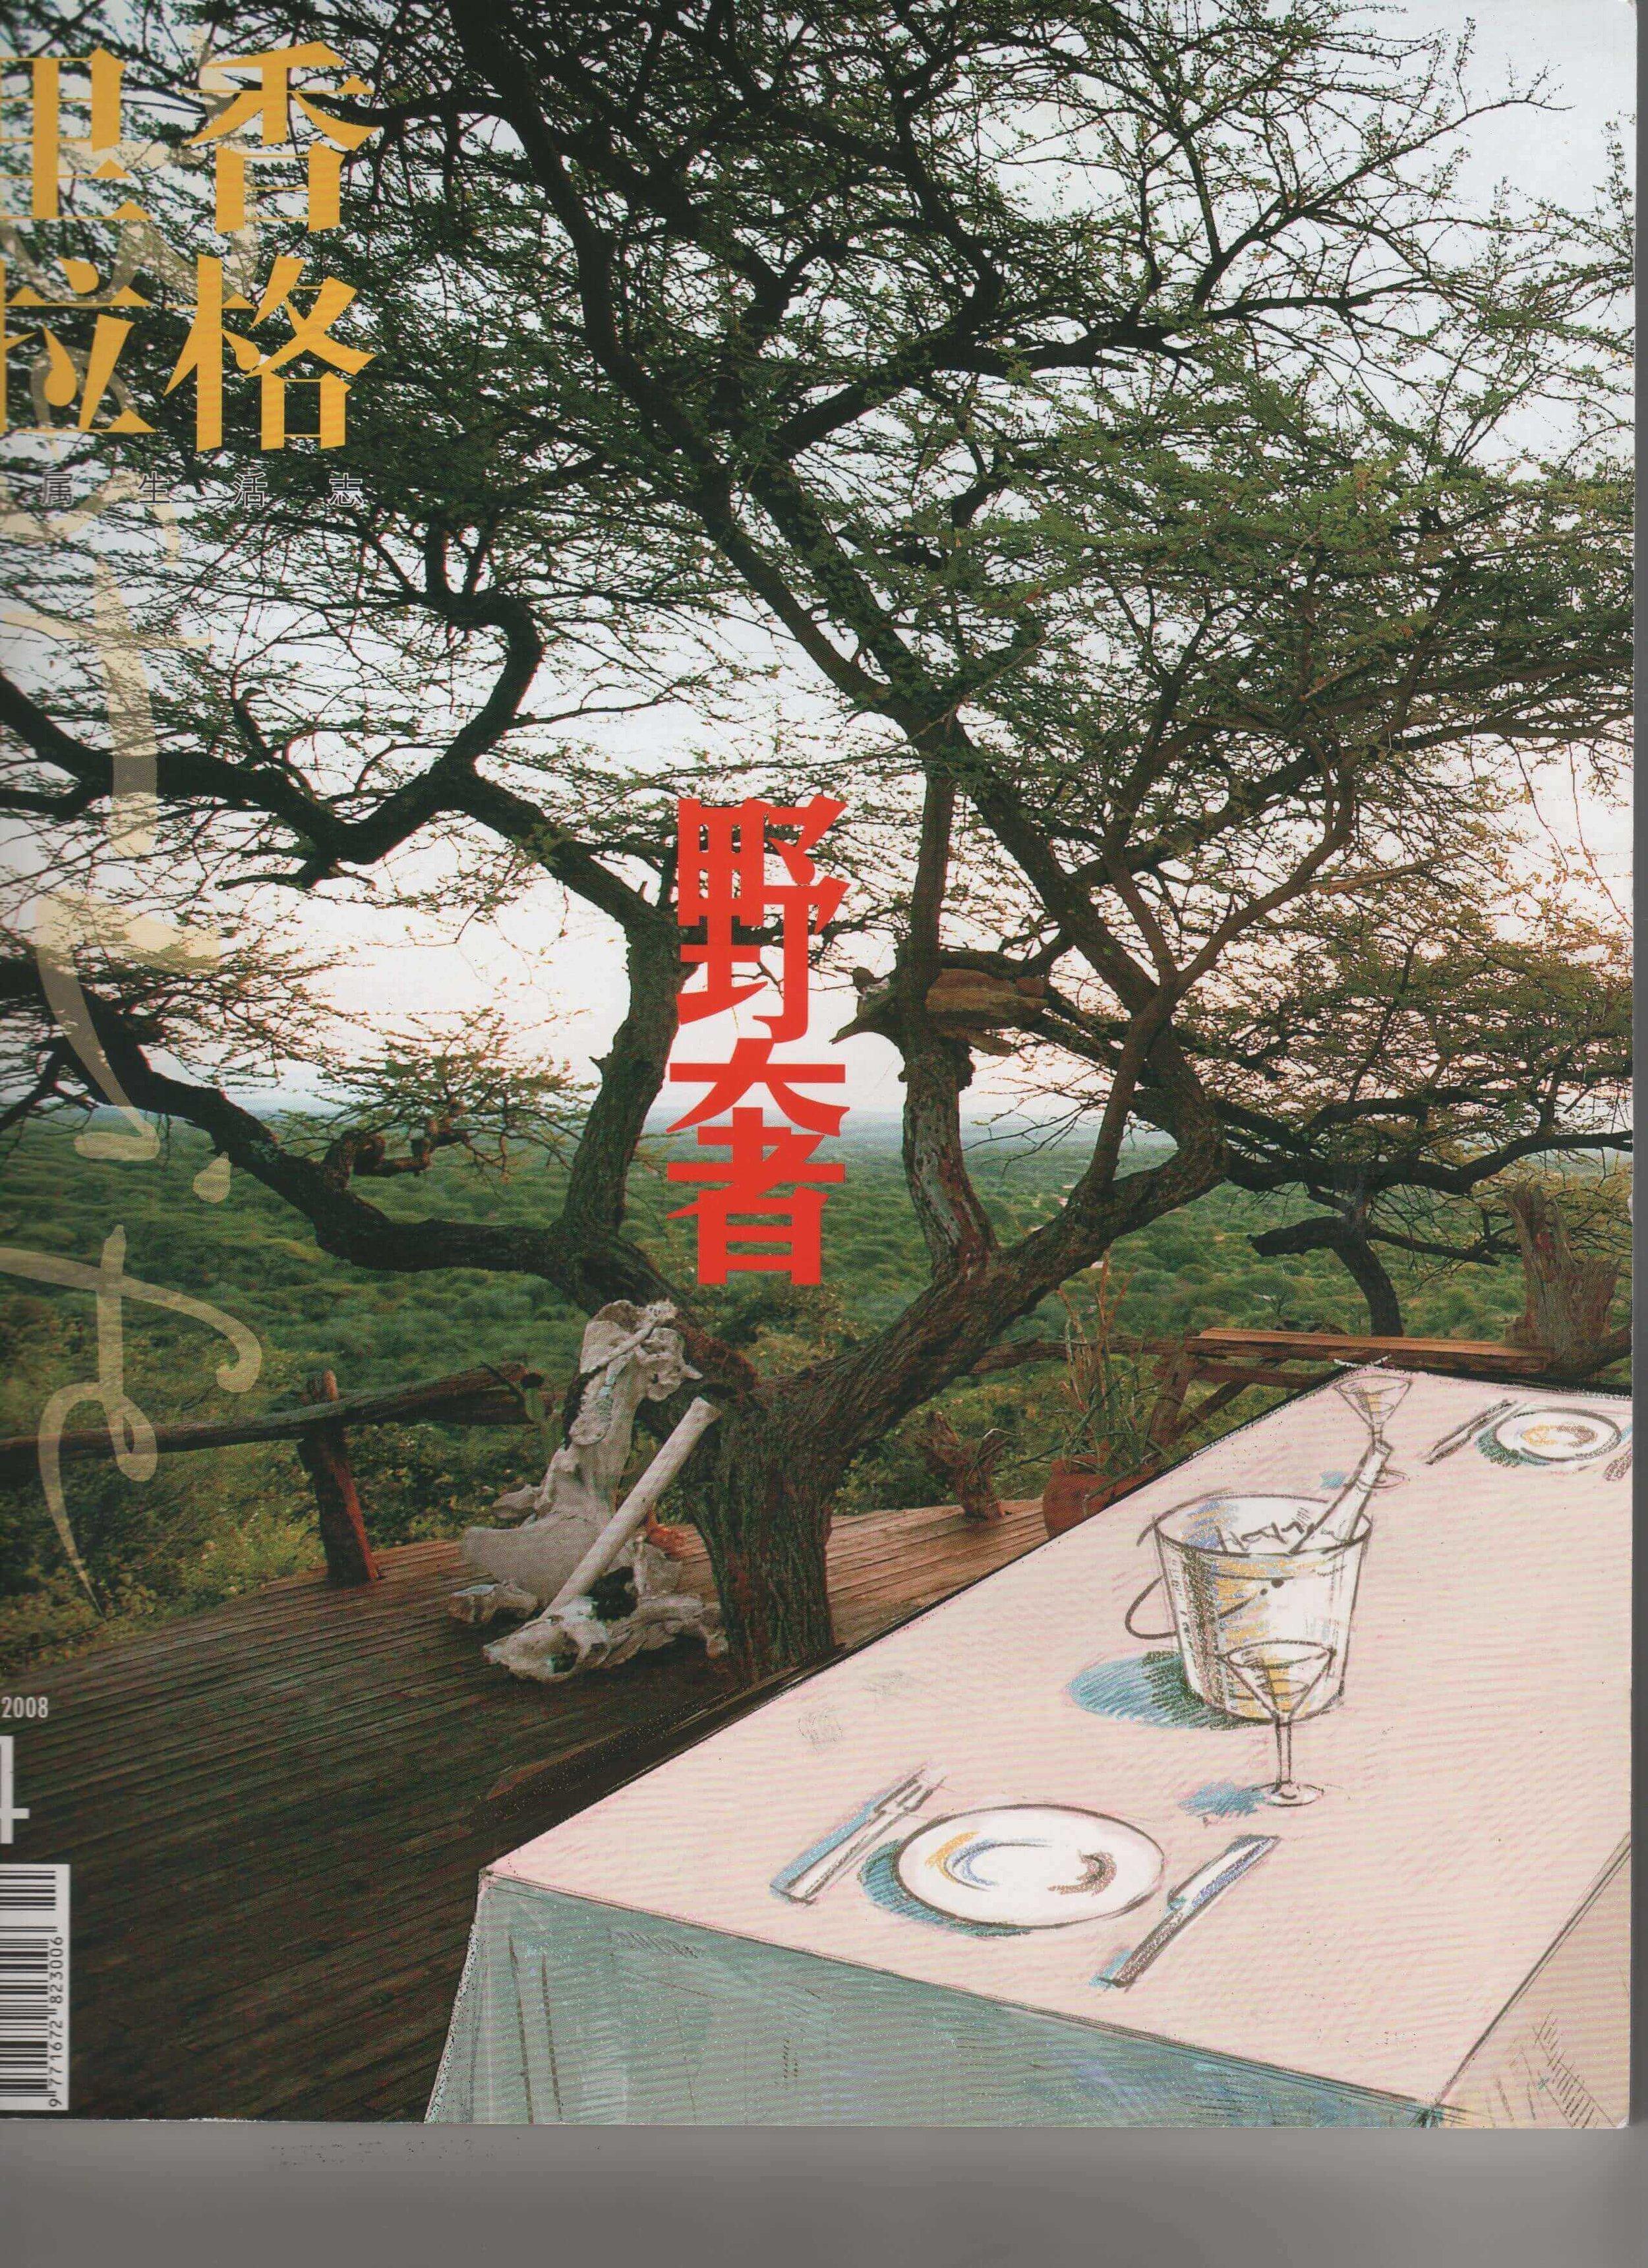 2008 Chine